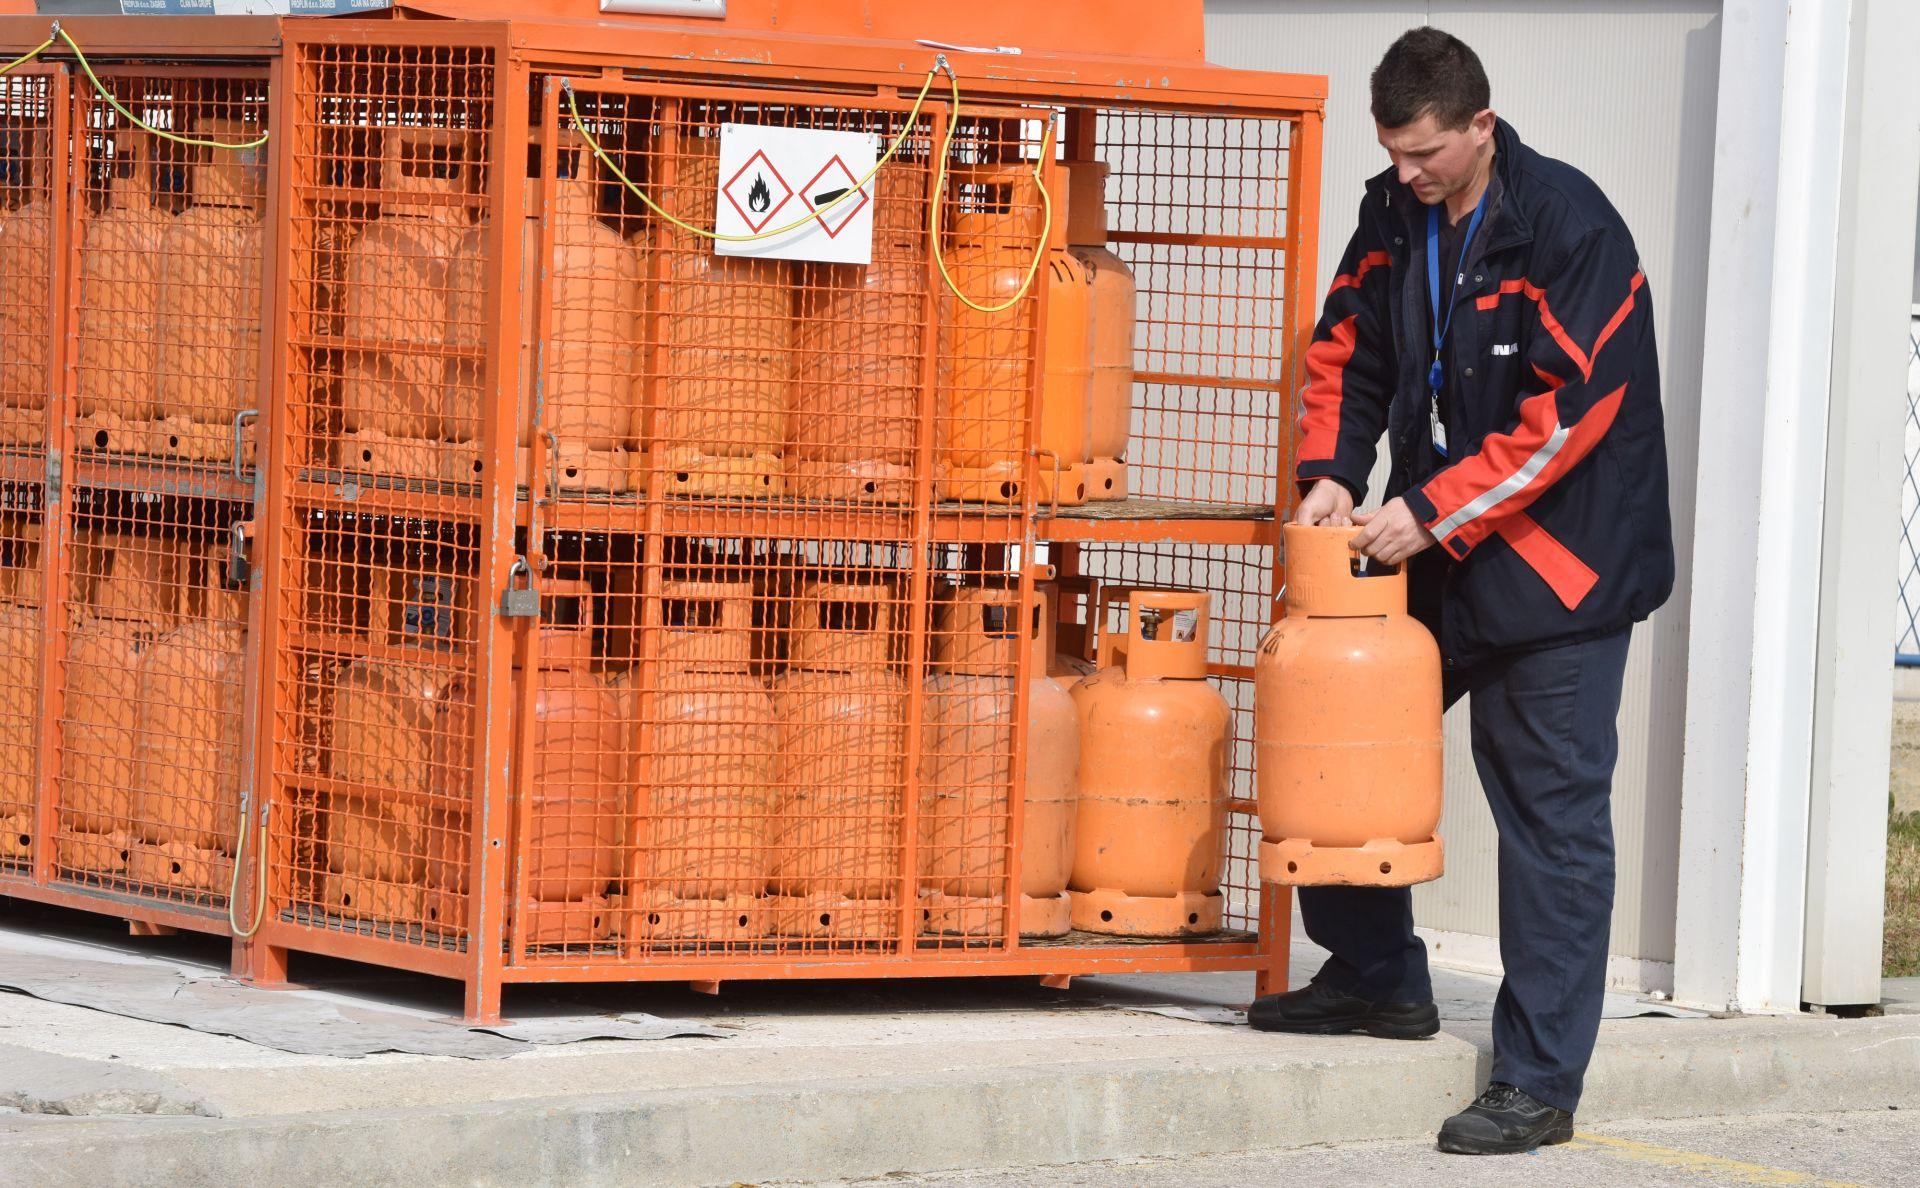 PROPUST SLUŽBENIKA: Iz Ministarstva objavili pogrešan izračun cijene plina